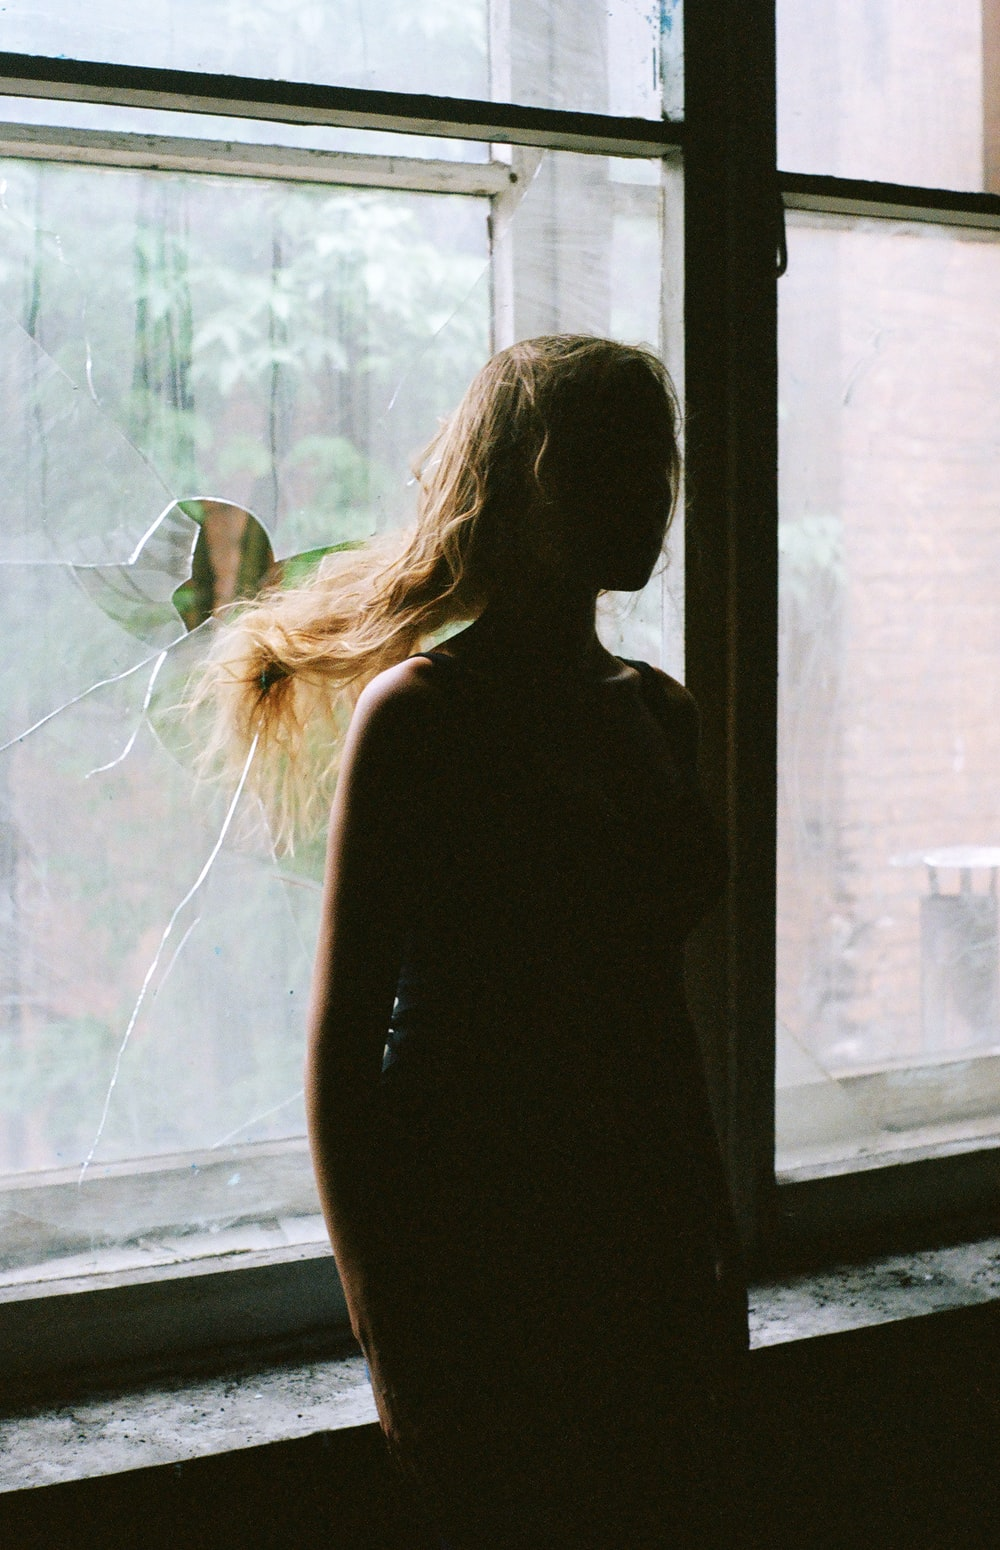 woman in black tank top standing beside window